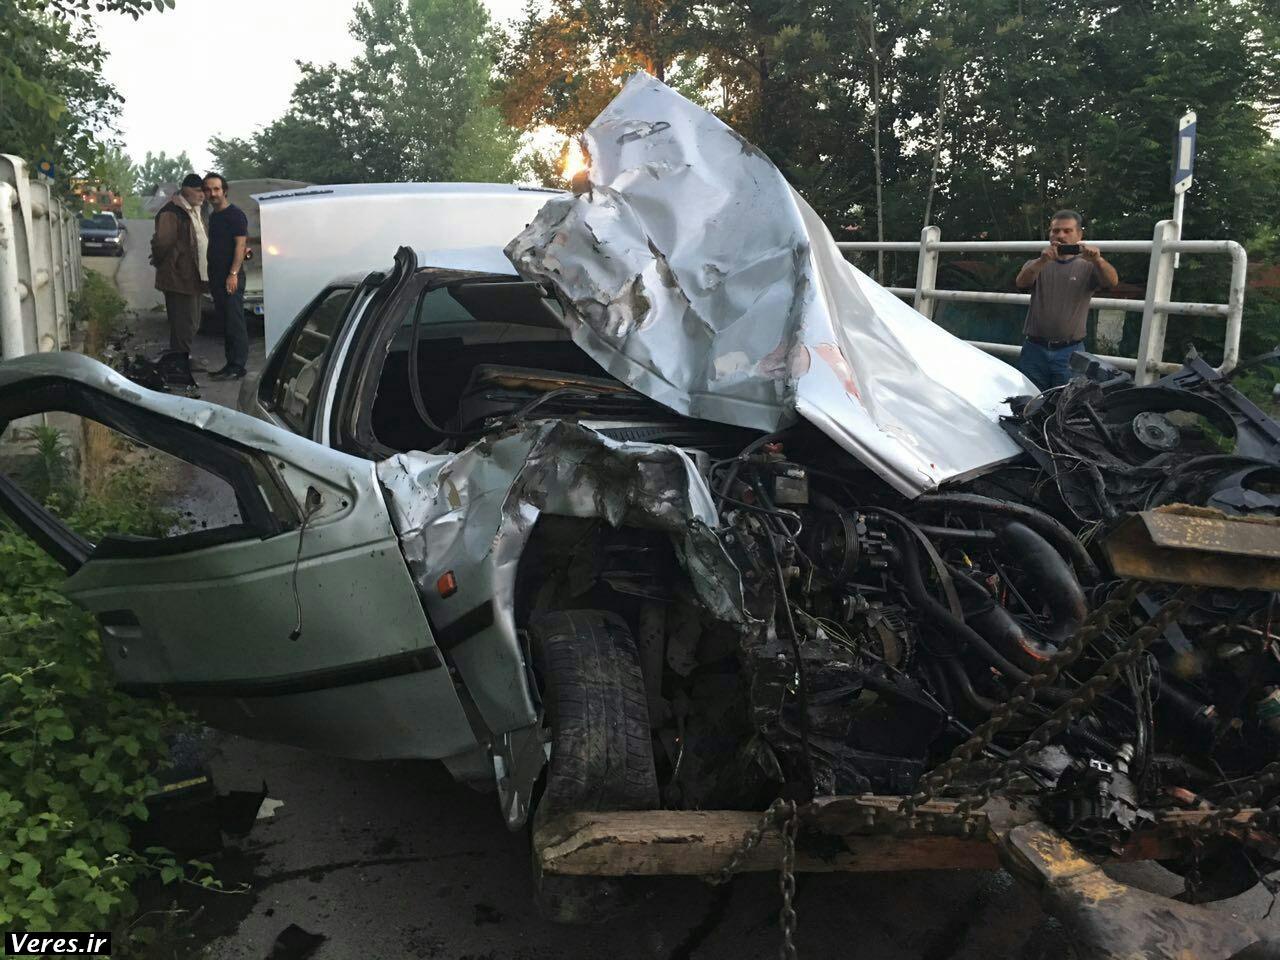 تصادف مرگبار در شفت / کودک ۶ ساله پدر و مادرش را از دست داد